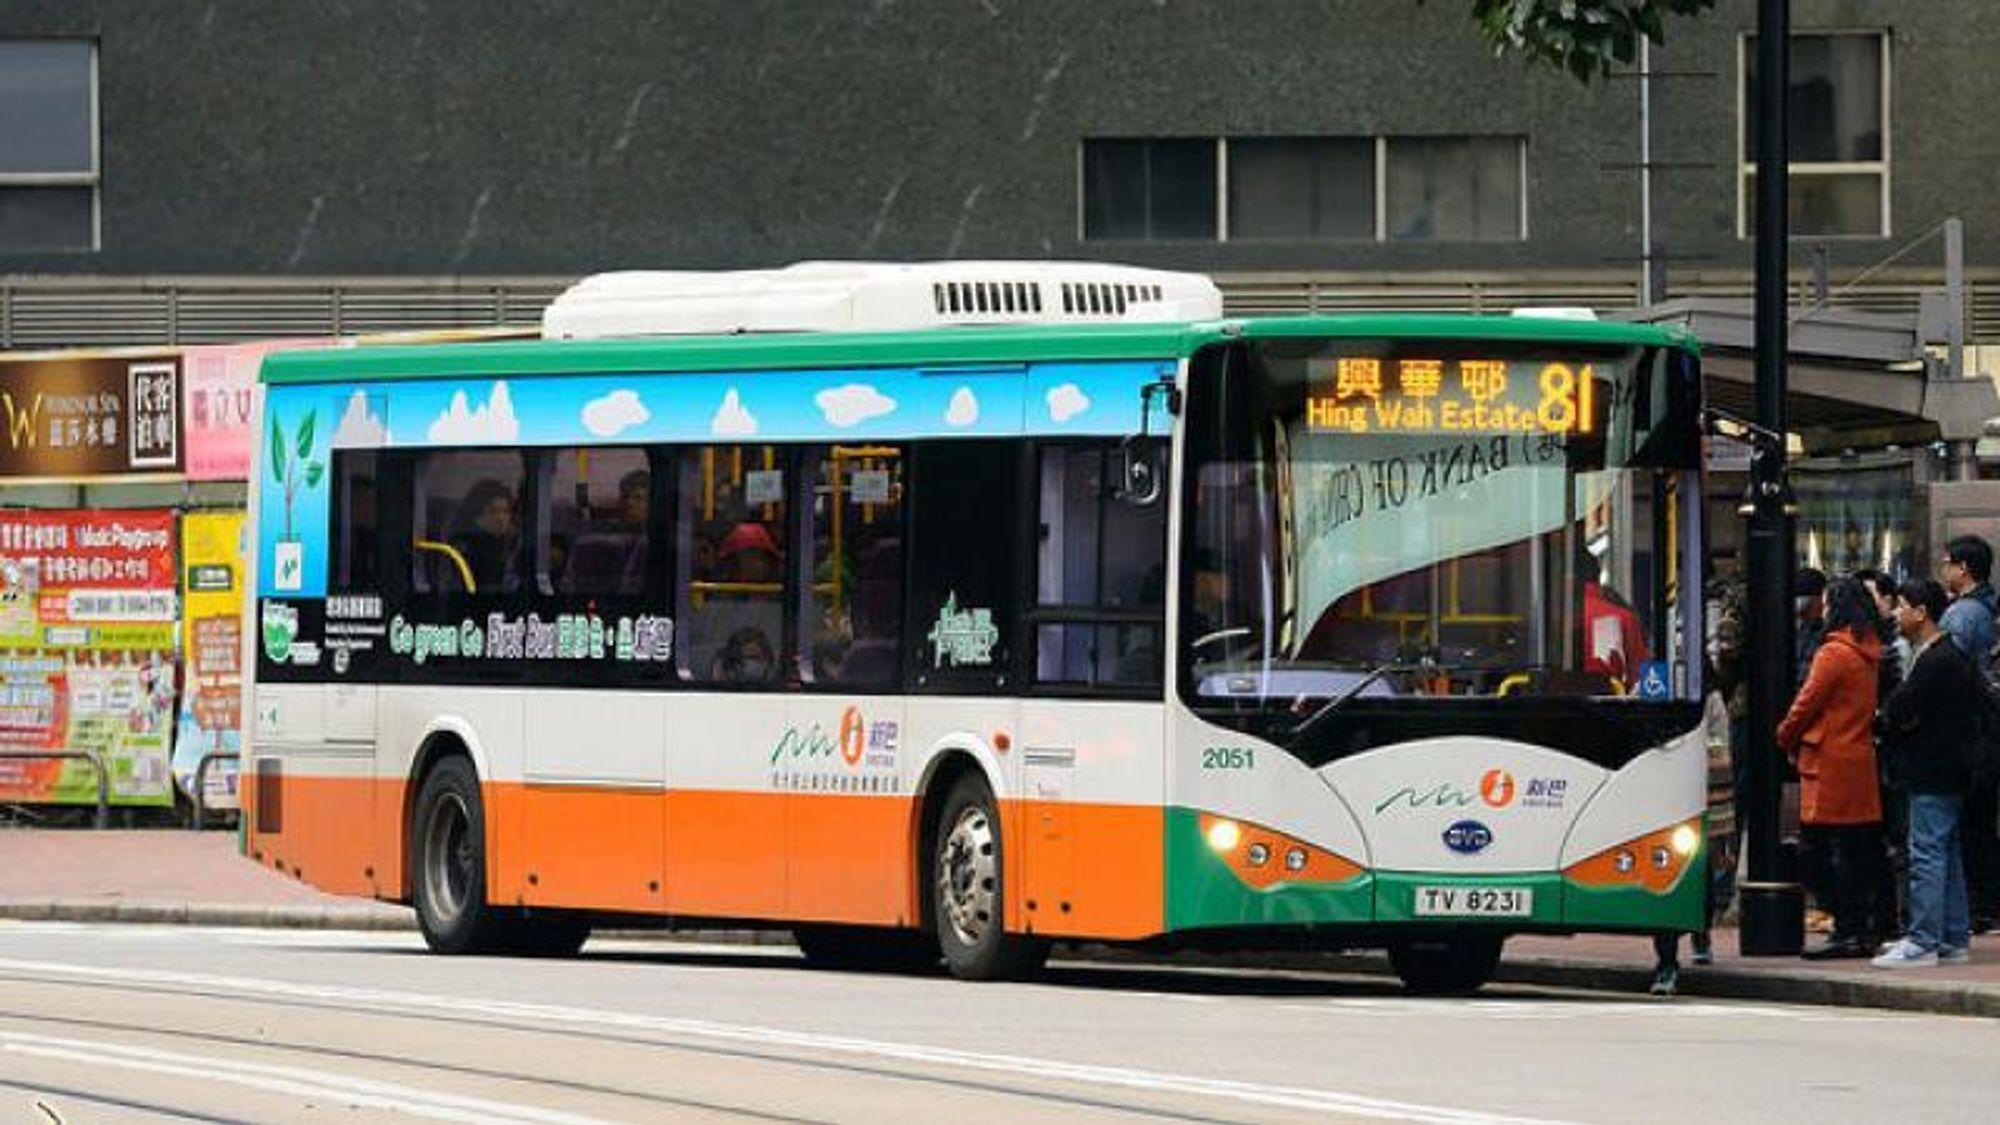 Bruken av elbusser sparer på verdensbasis 270.000 fat diesel hver dag, skriver Bloomberg. De aller fleste av bussene stammer fra Kina.